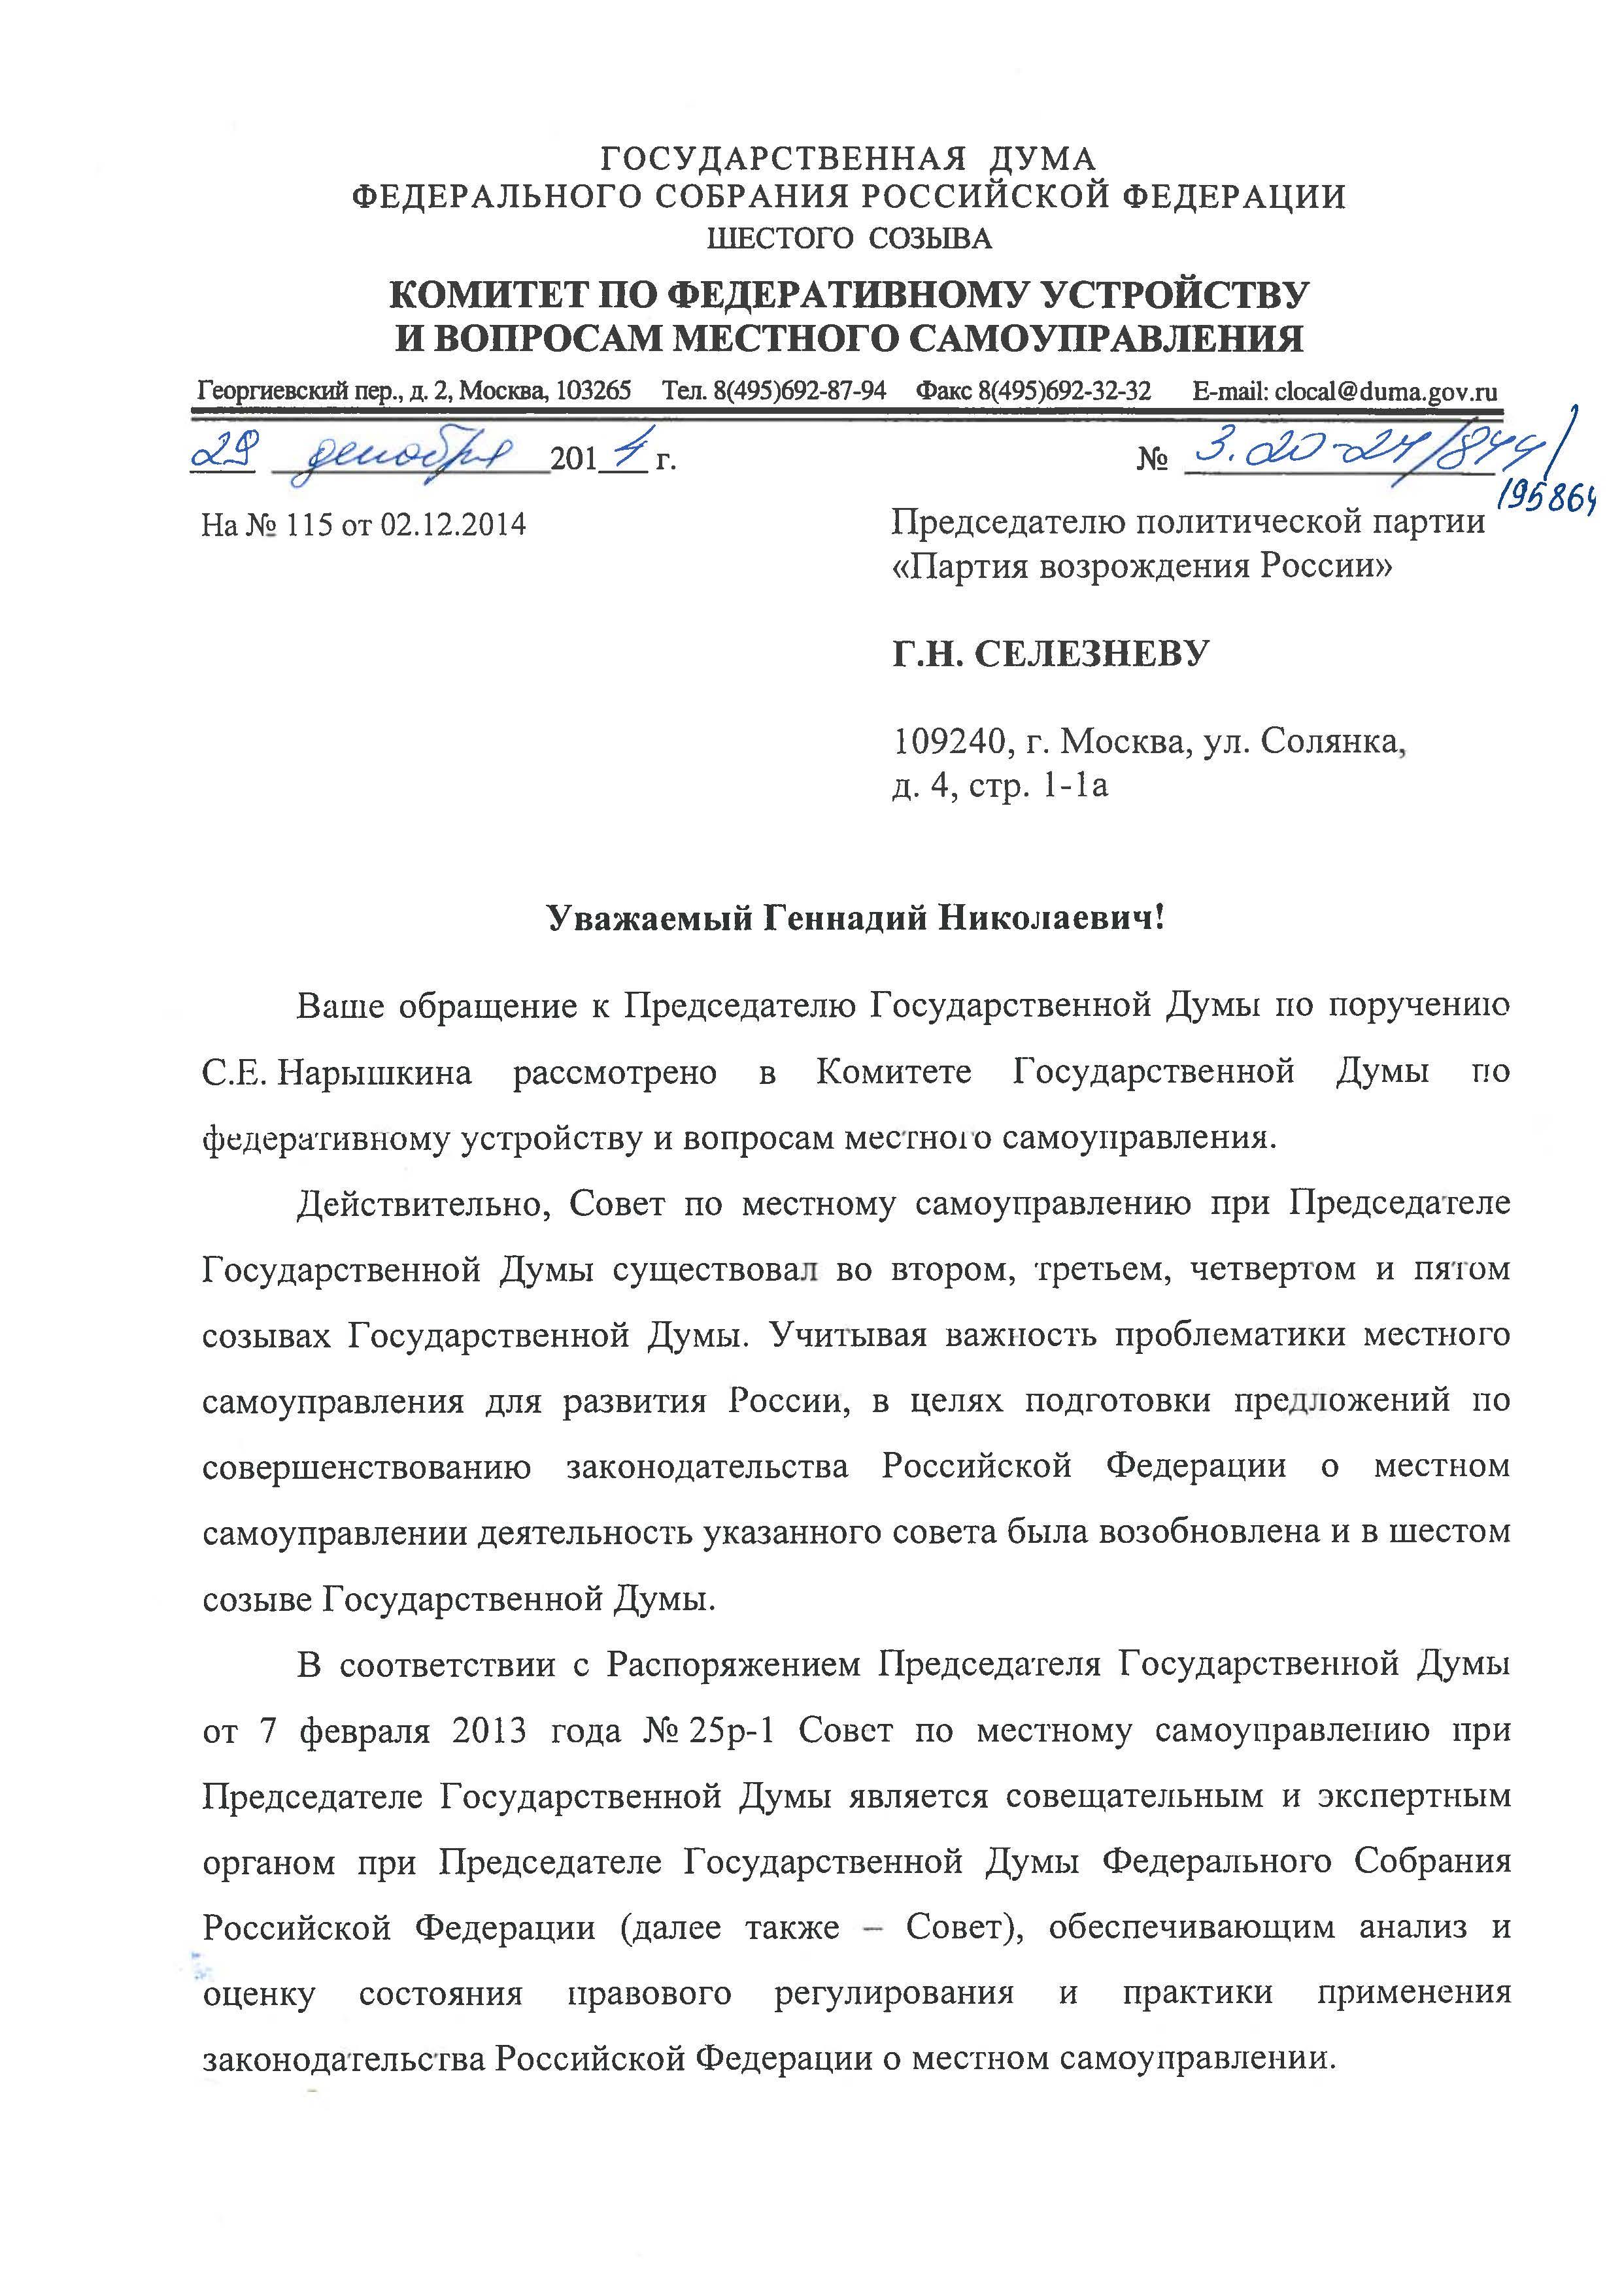 seleznev_Страница_1